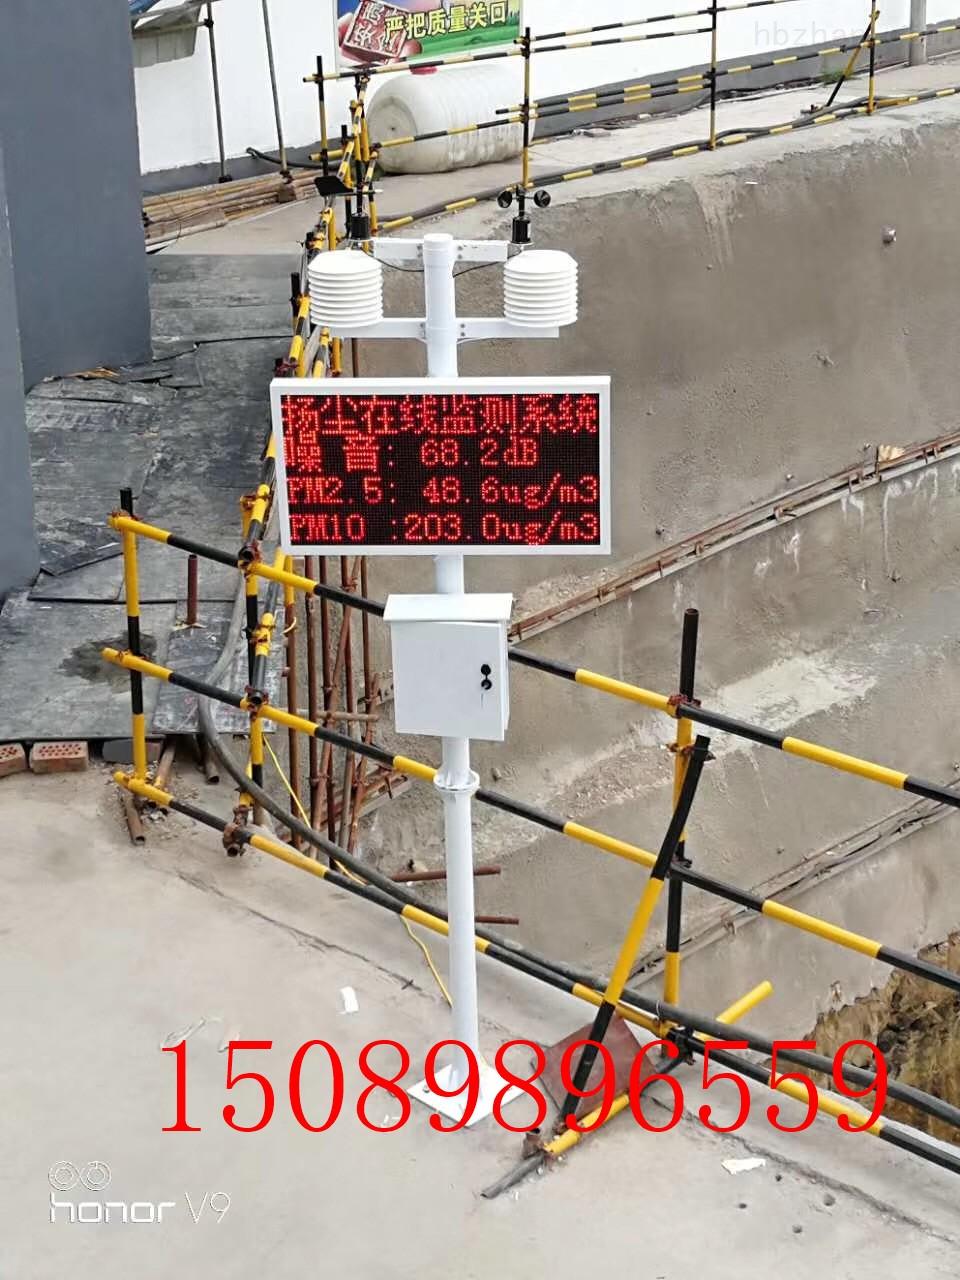 佛山扬尘噪音监测设备一环境监测系统哪家强